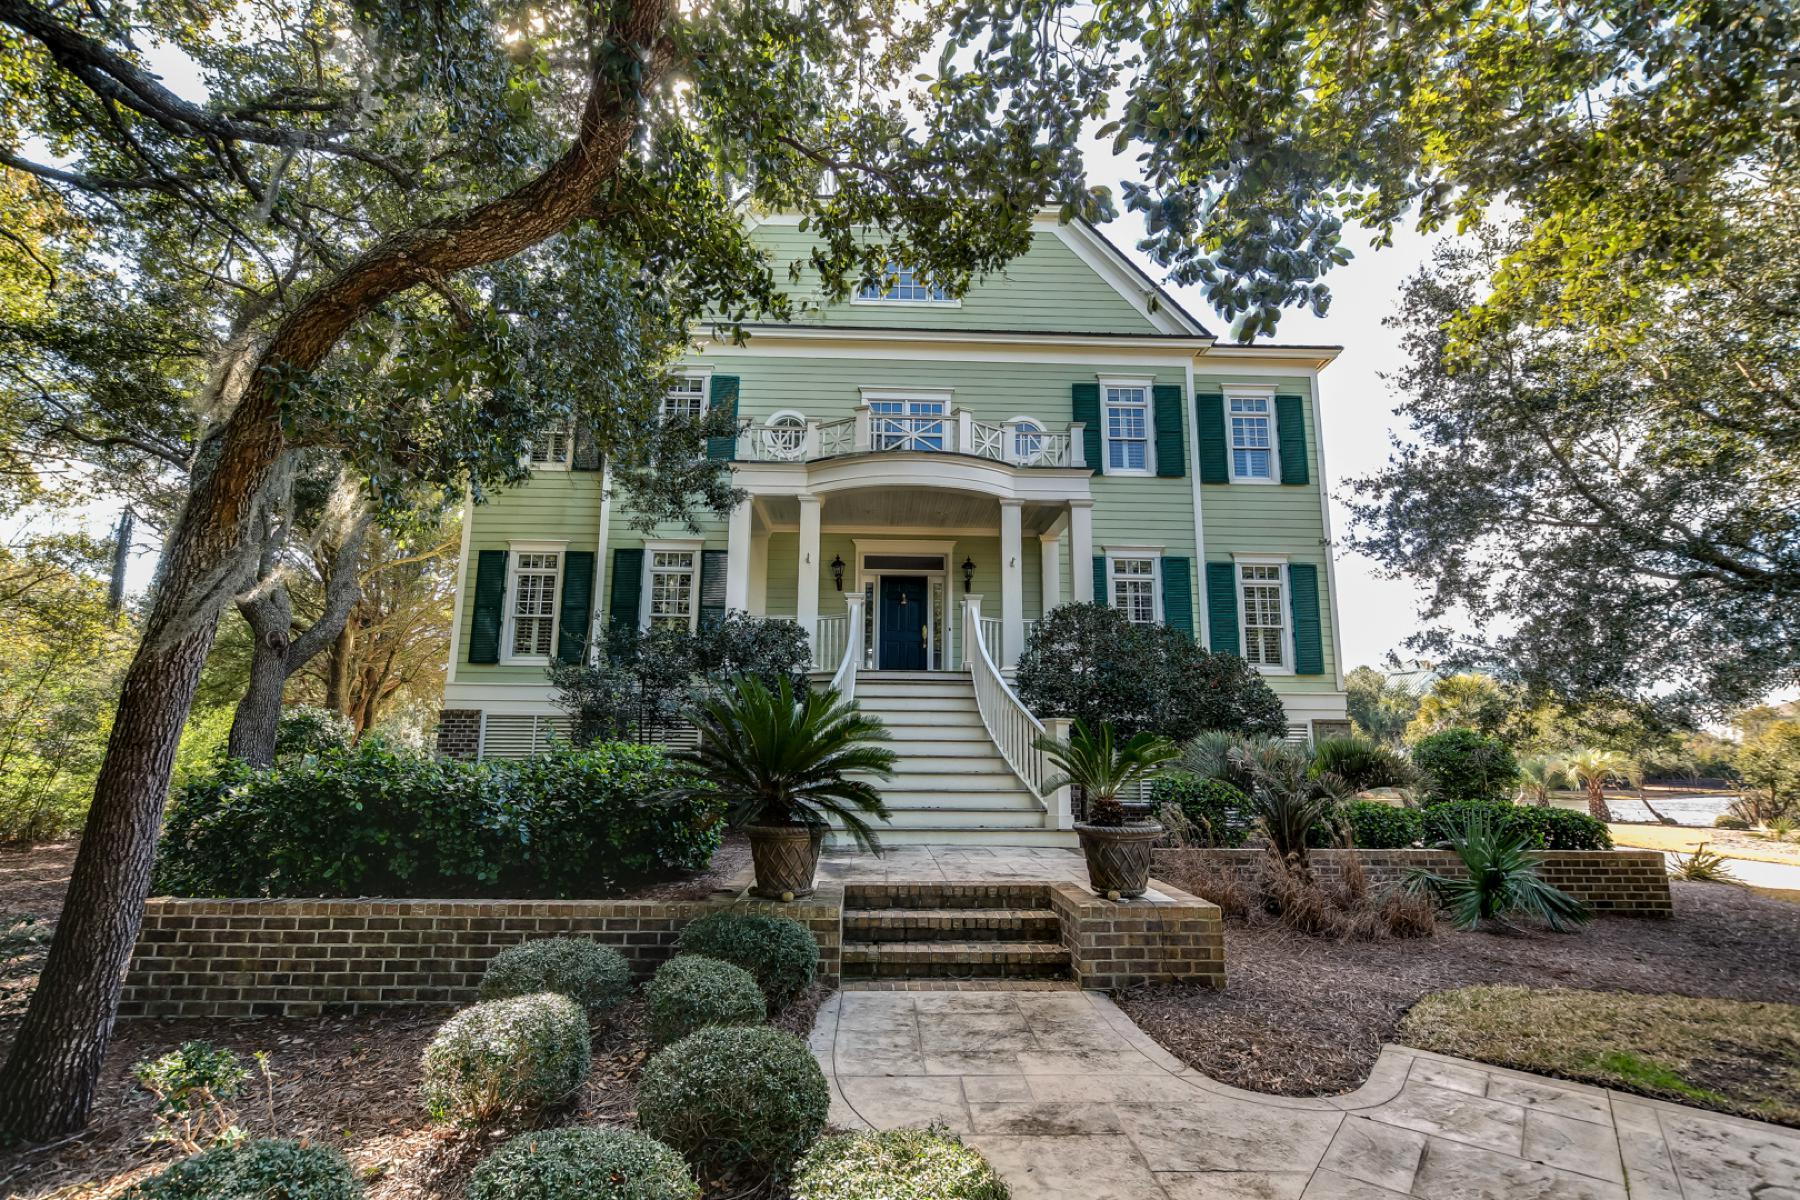 一戸建て のために 売買 アット 274 Sea Island Drive Georgetown, サウスカロライナ, 29440 アメリカ合衆国